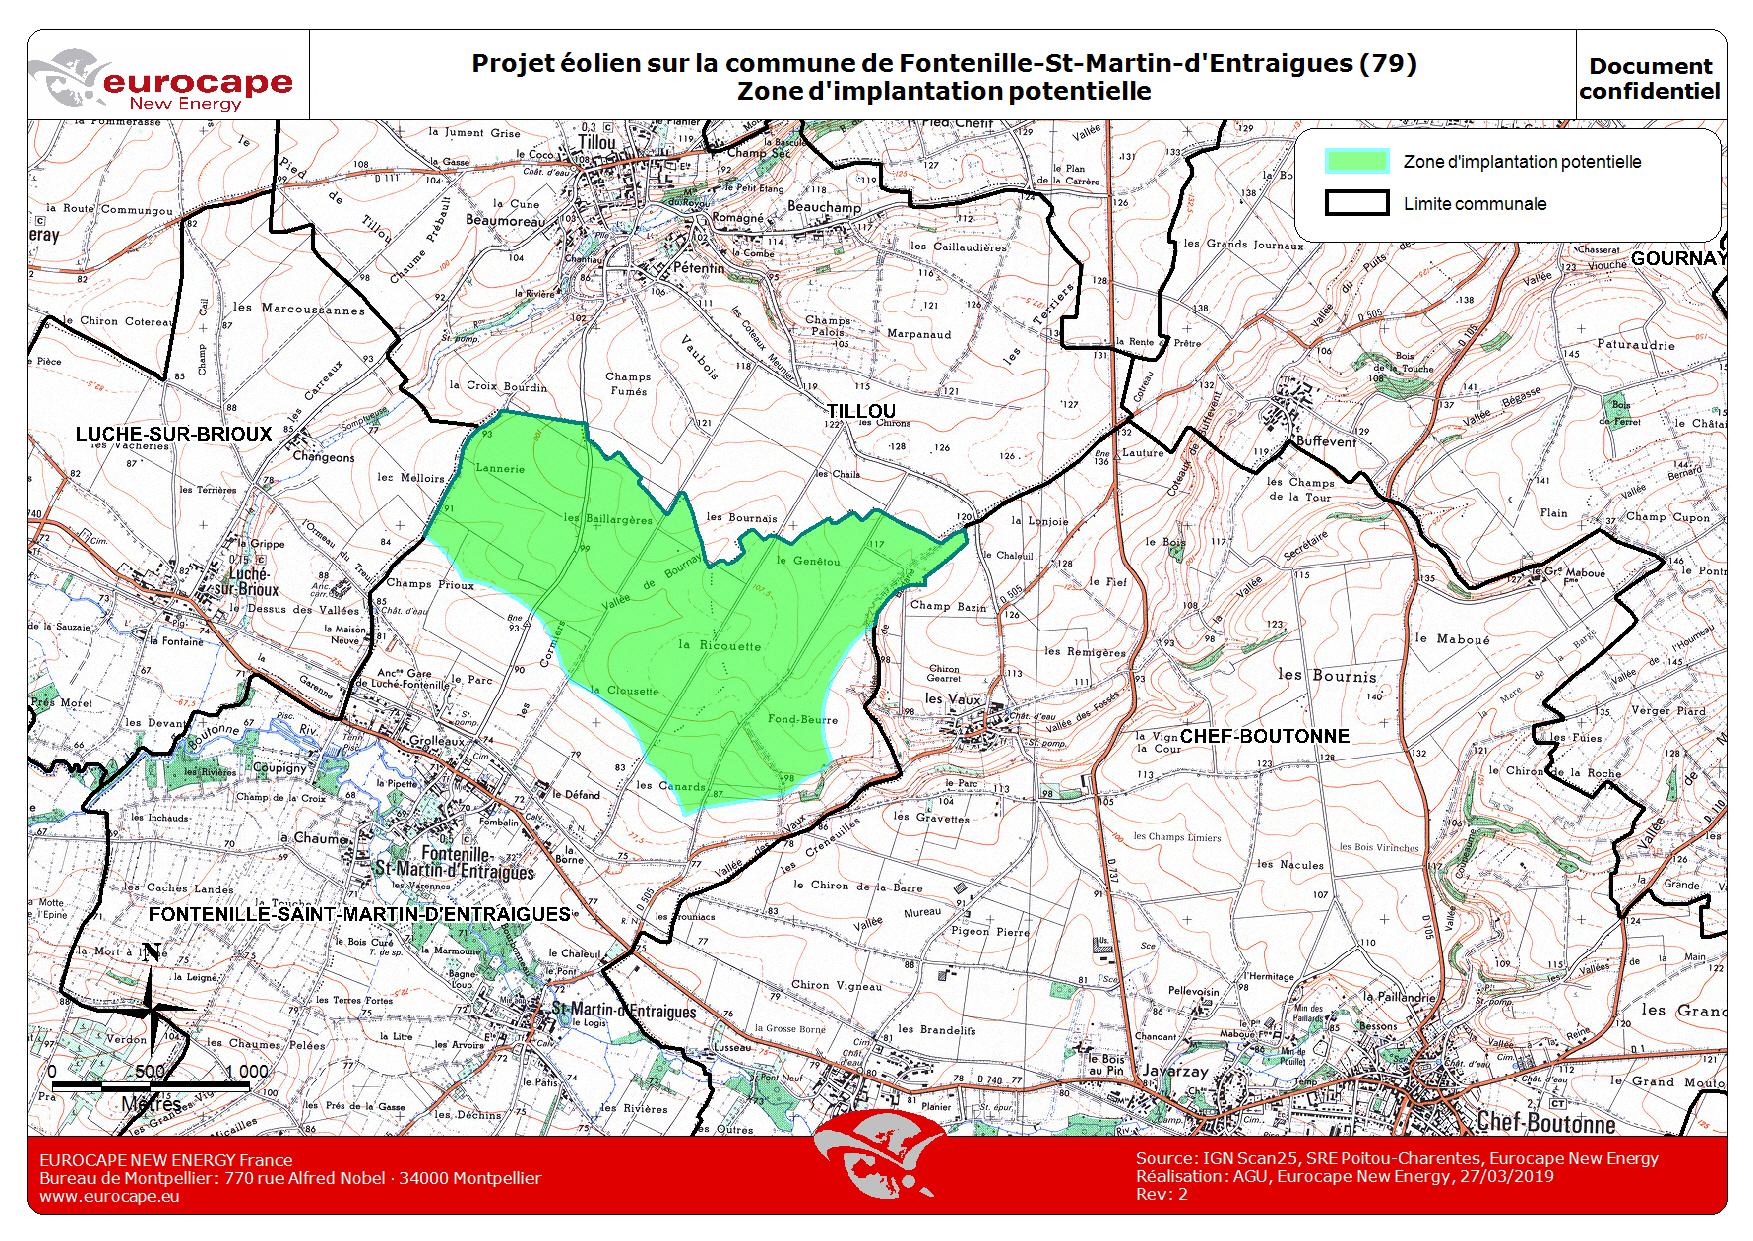 plan Fontenille Saint Martin d Entraigues